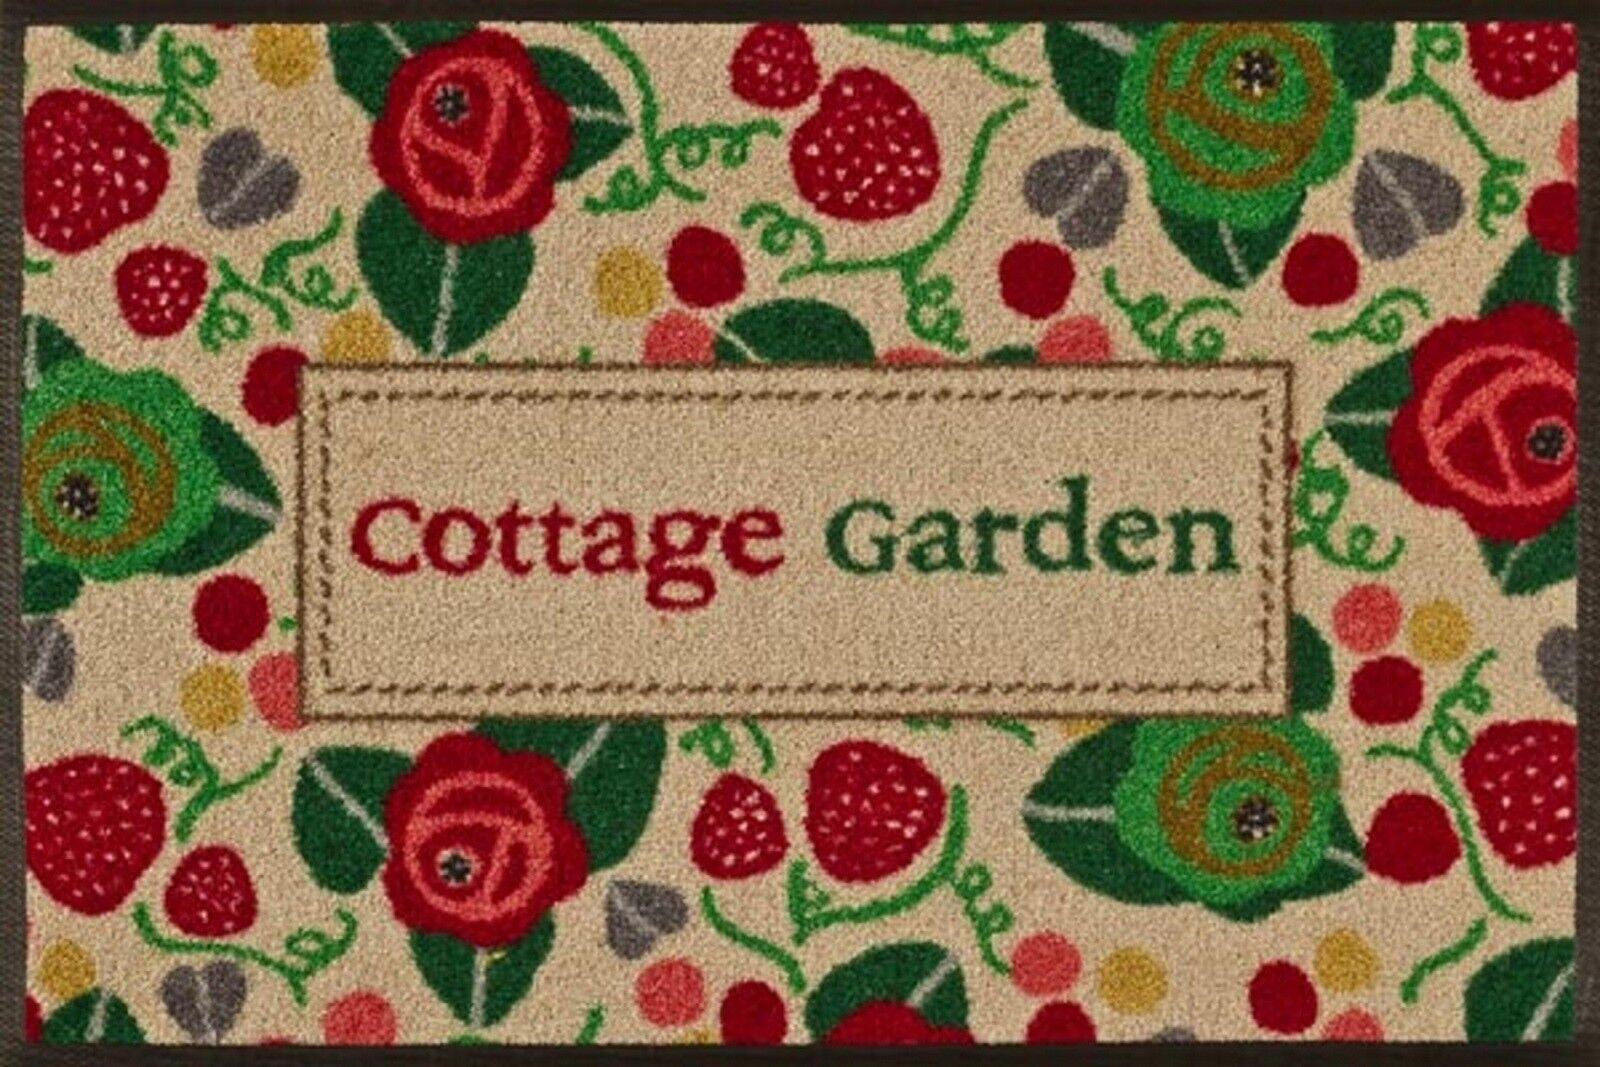 Fußmatte waschbar Garten Strawberry Fair Cottage Garden Türmatte wash+dry 50x75